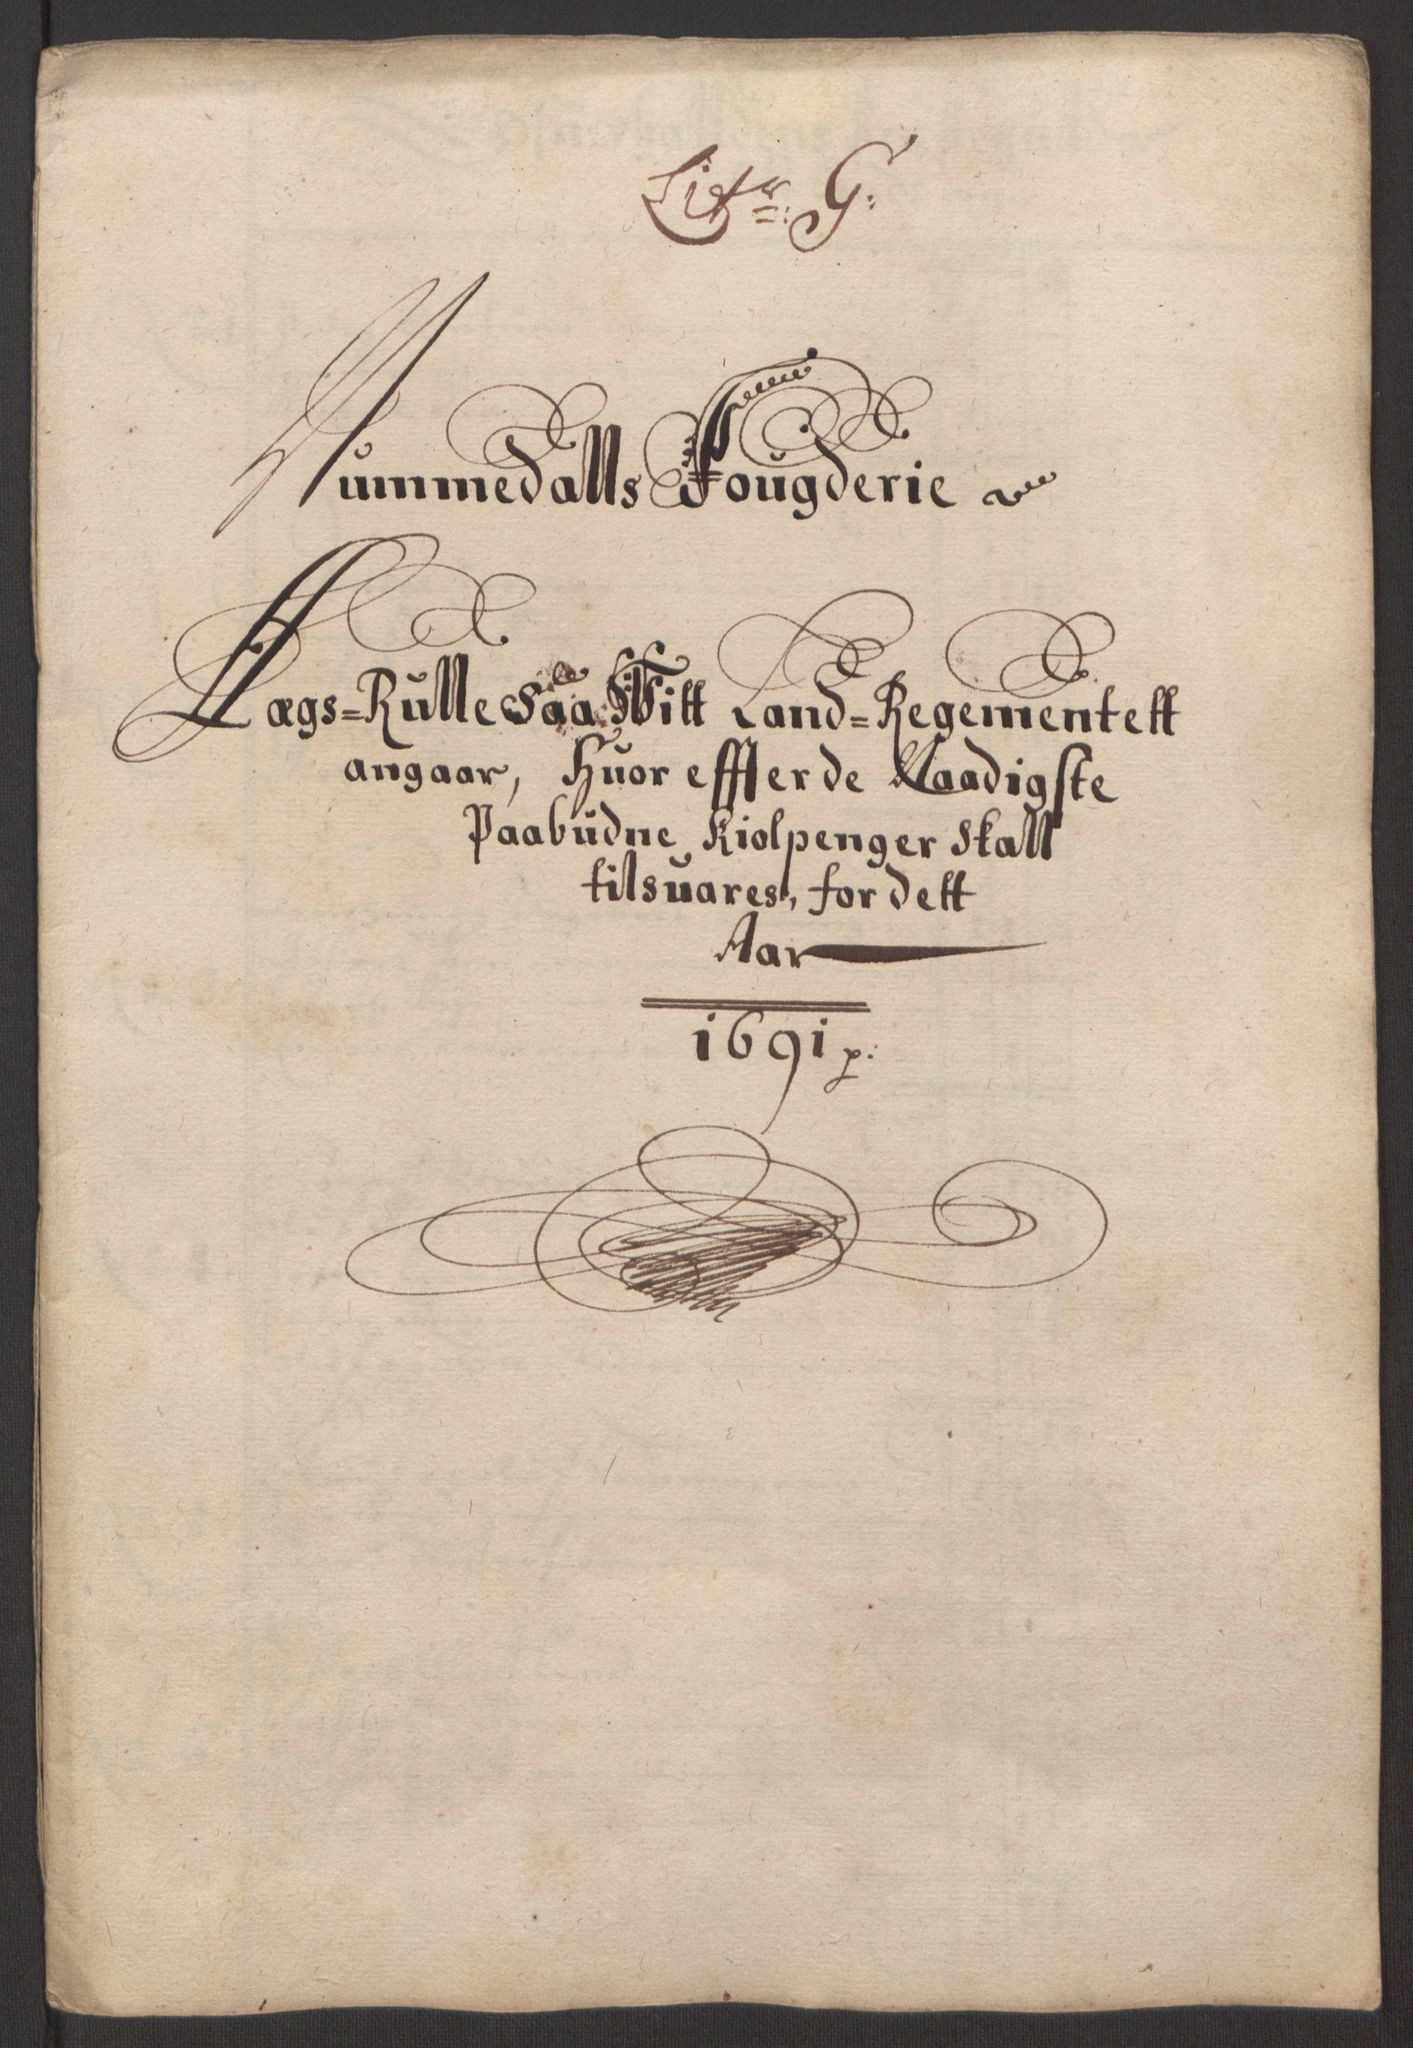 RA, Rentekammeret inntil 1814, Reviderte regnskaper, Fogderegnskap, R64/L4423: Fogderegnskap Namdal, 1690-1691, s. 232